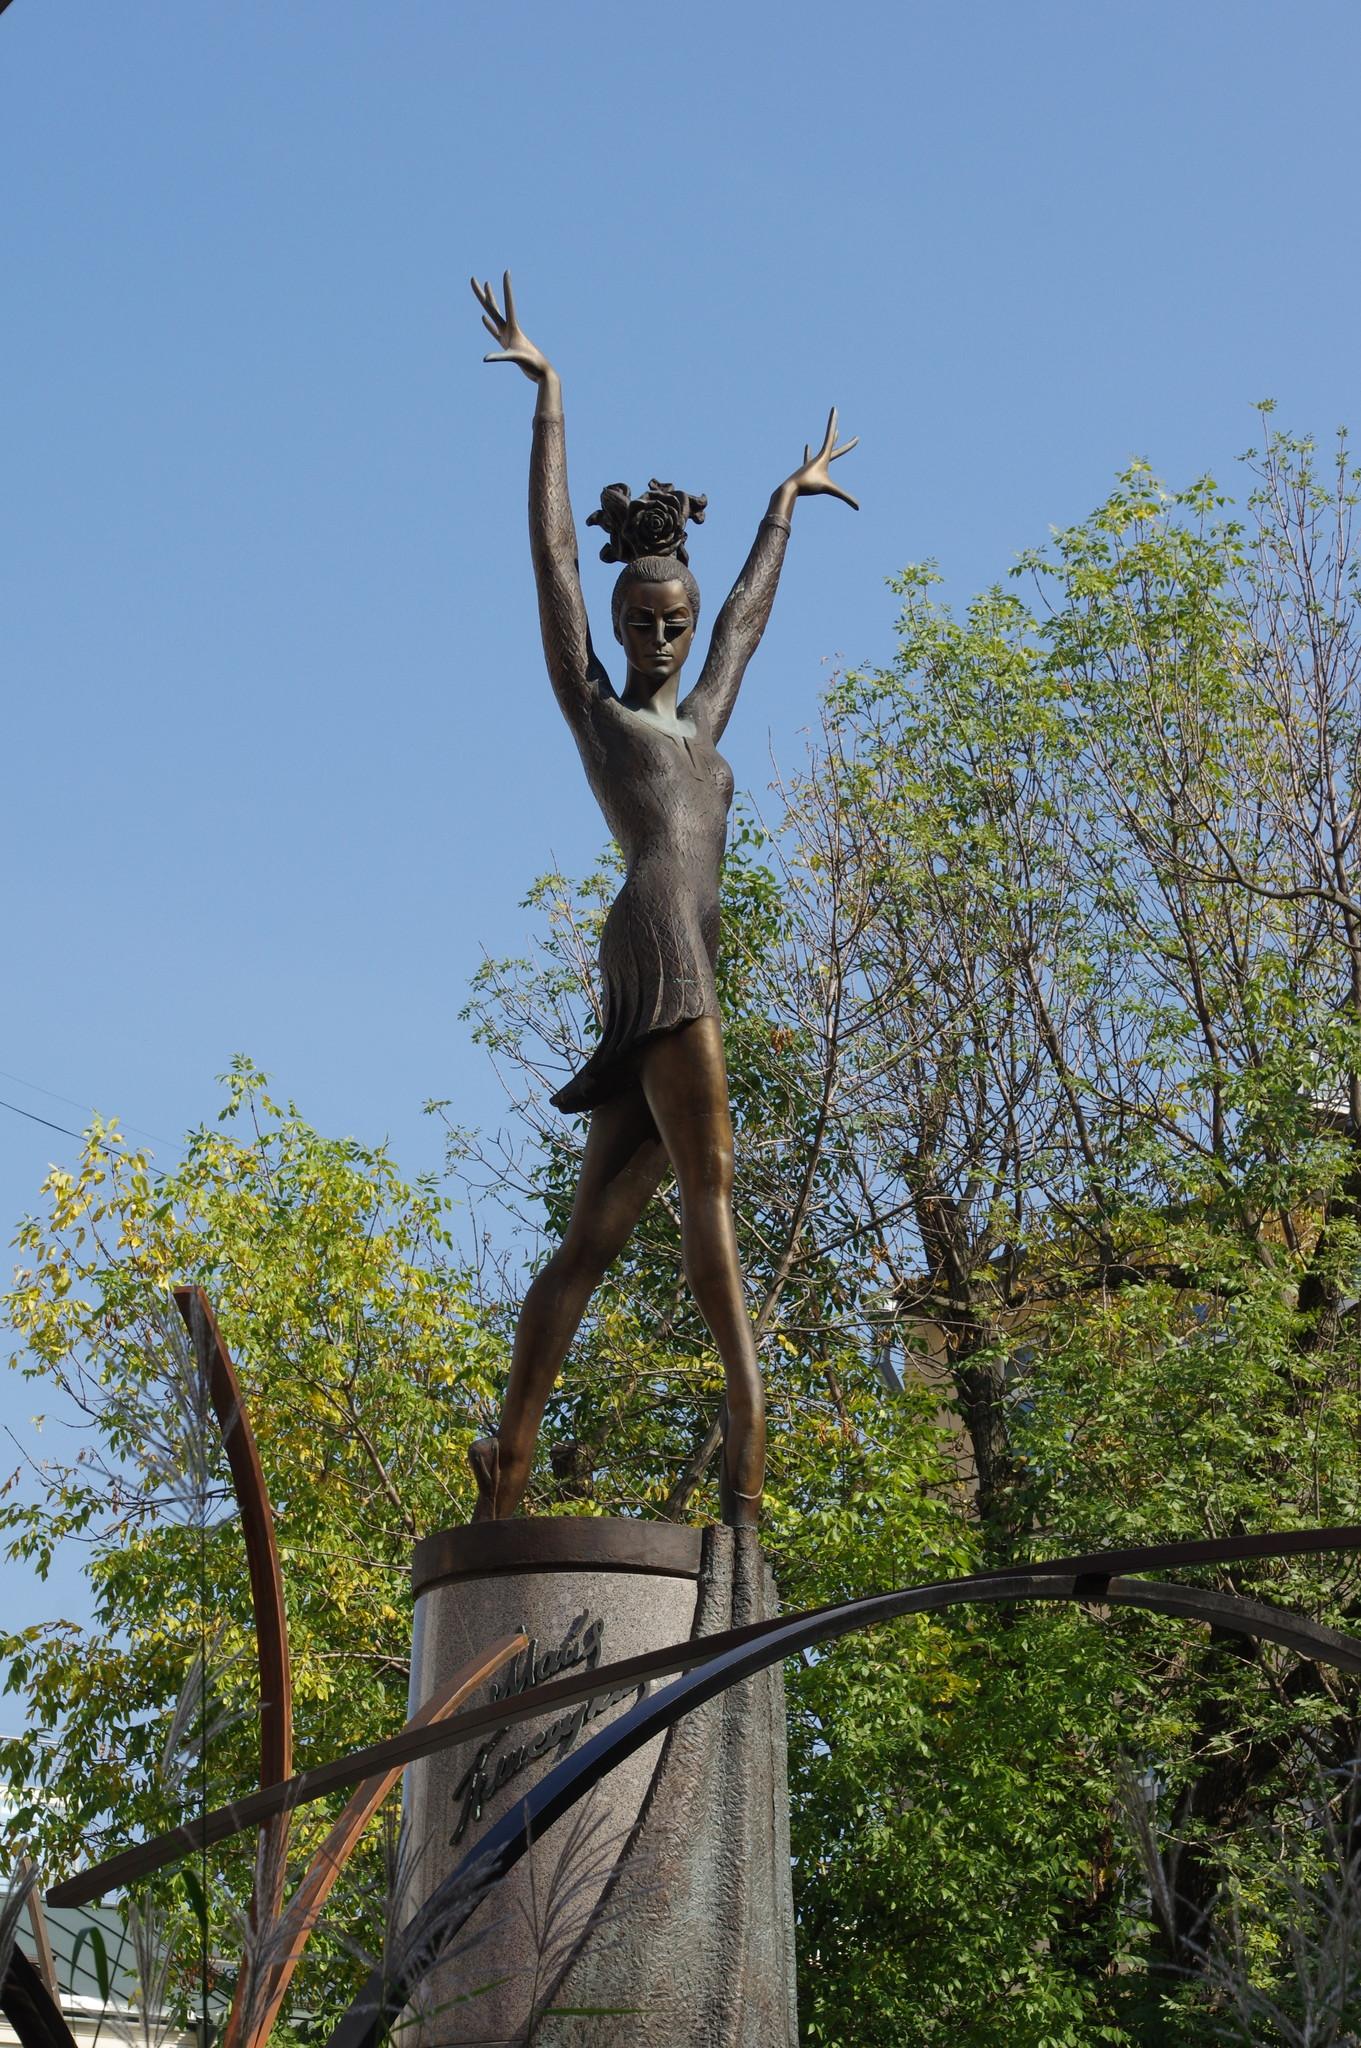 Памятник одной из величайших балерин XX века М.М. Плисецкой в сквере на Большой Дмитровке